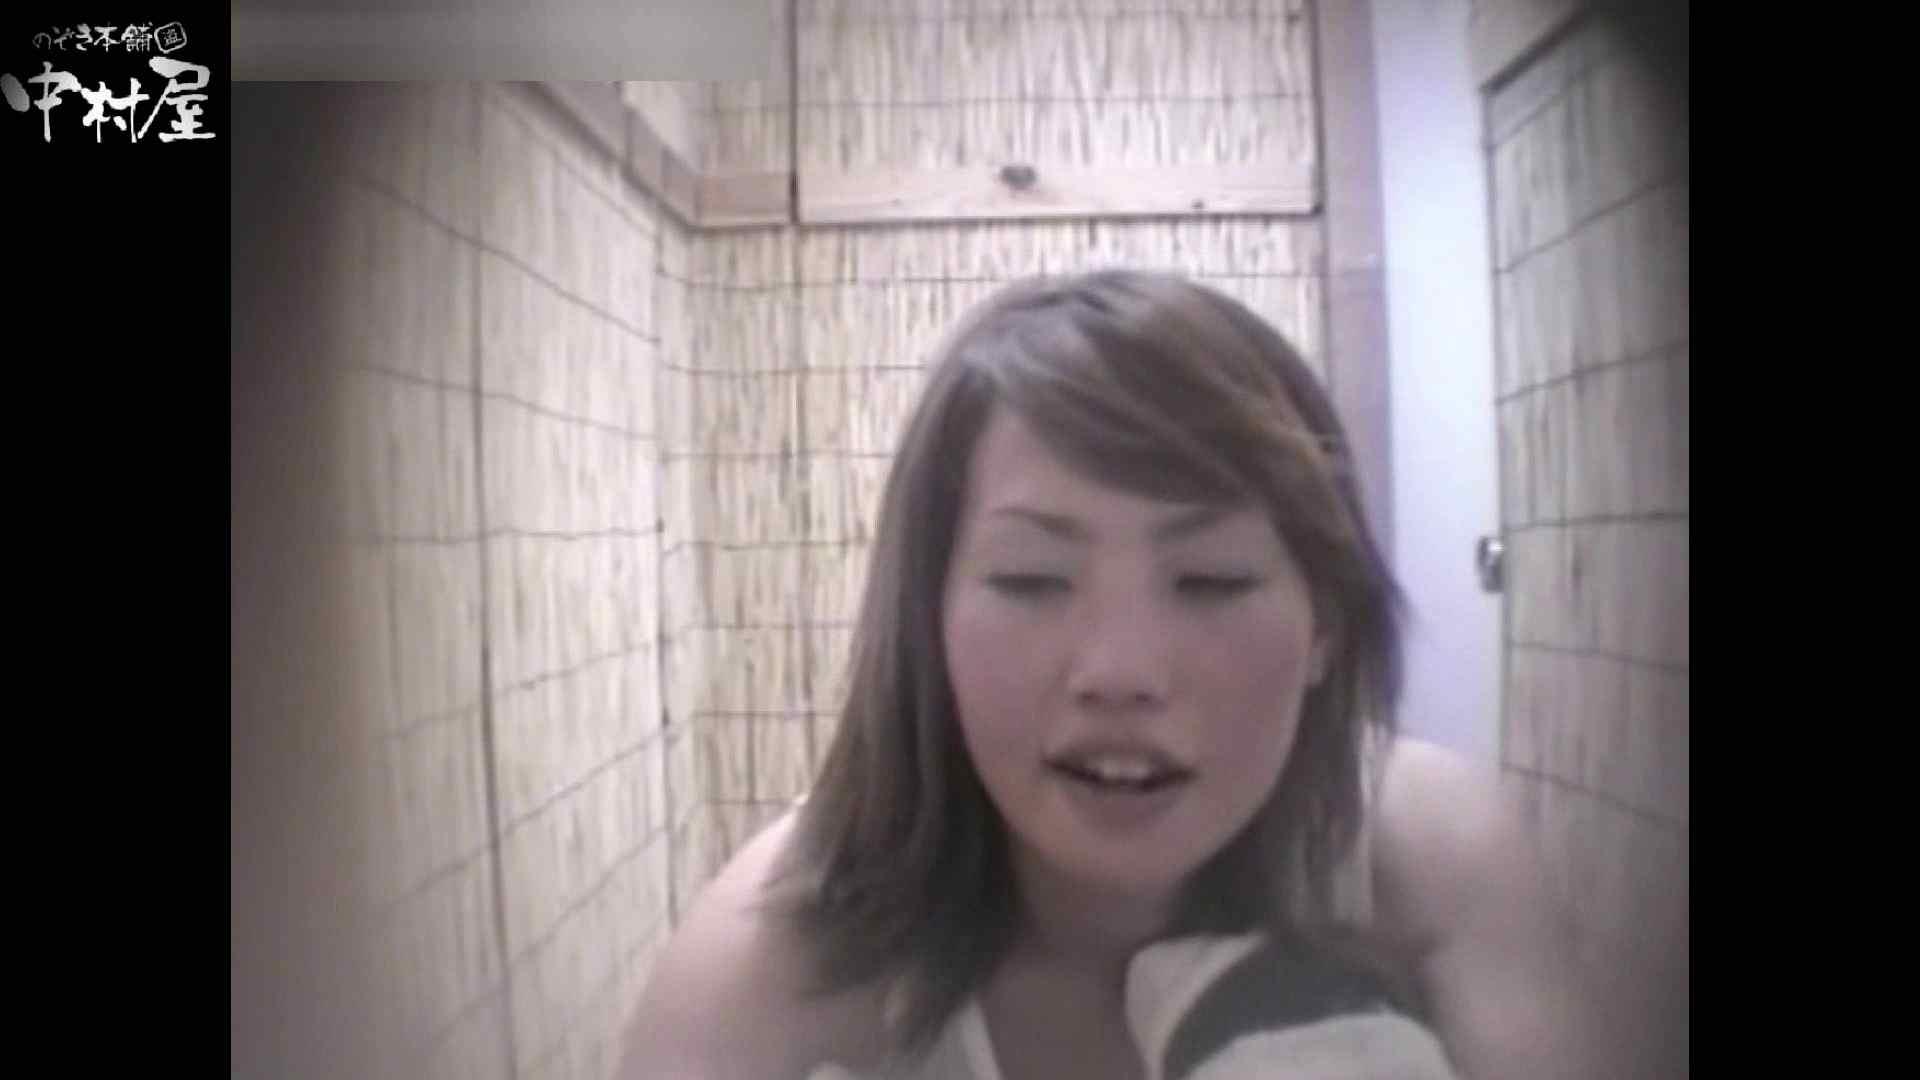 解禁!海の家4カメ洗面所vol.75 ギャルのエロ動画  83PIX 72